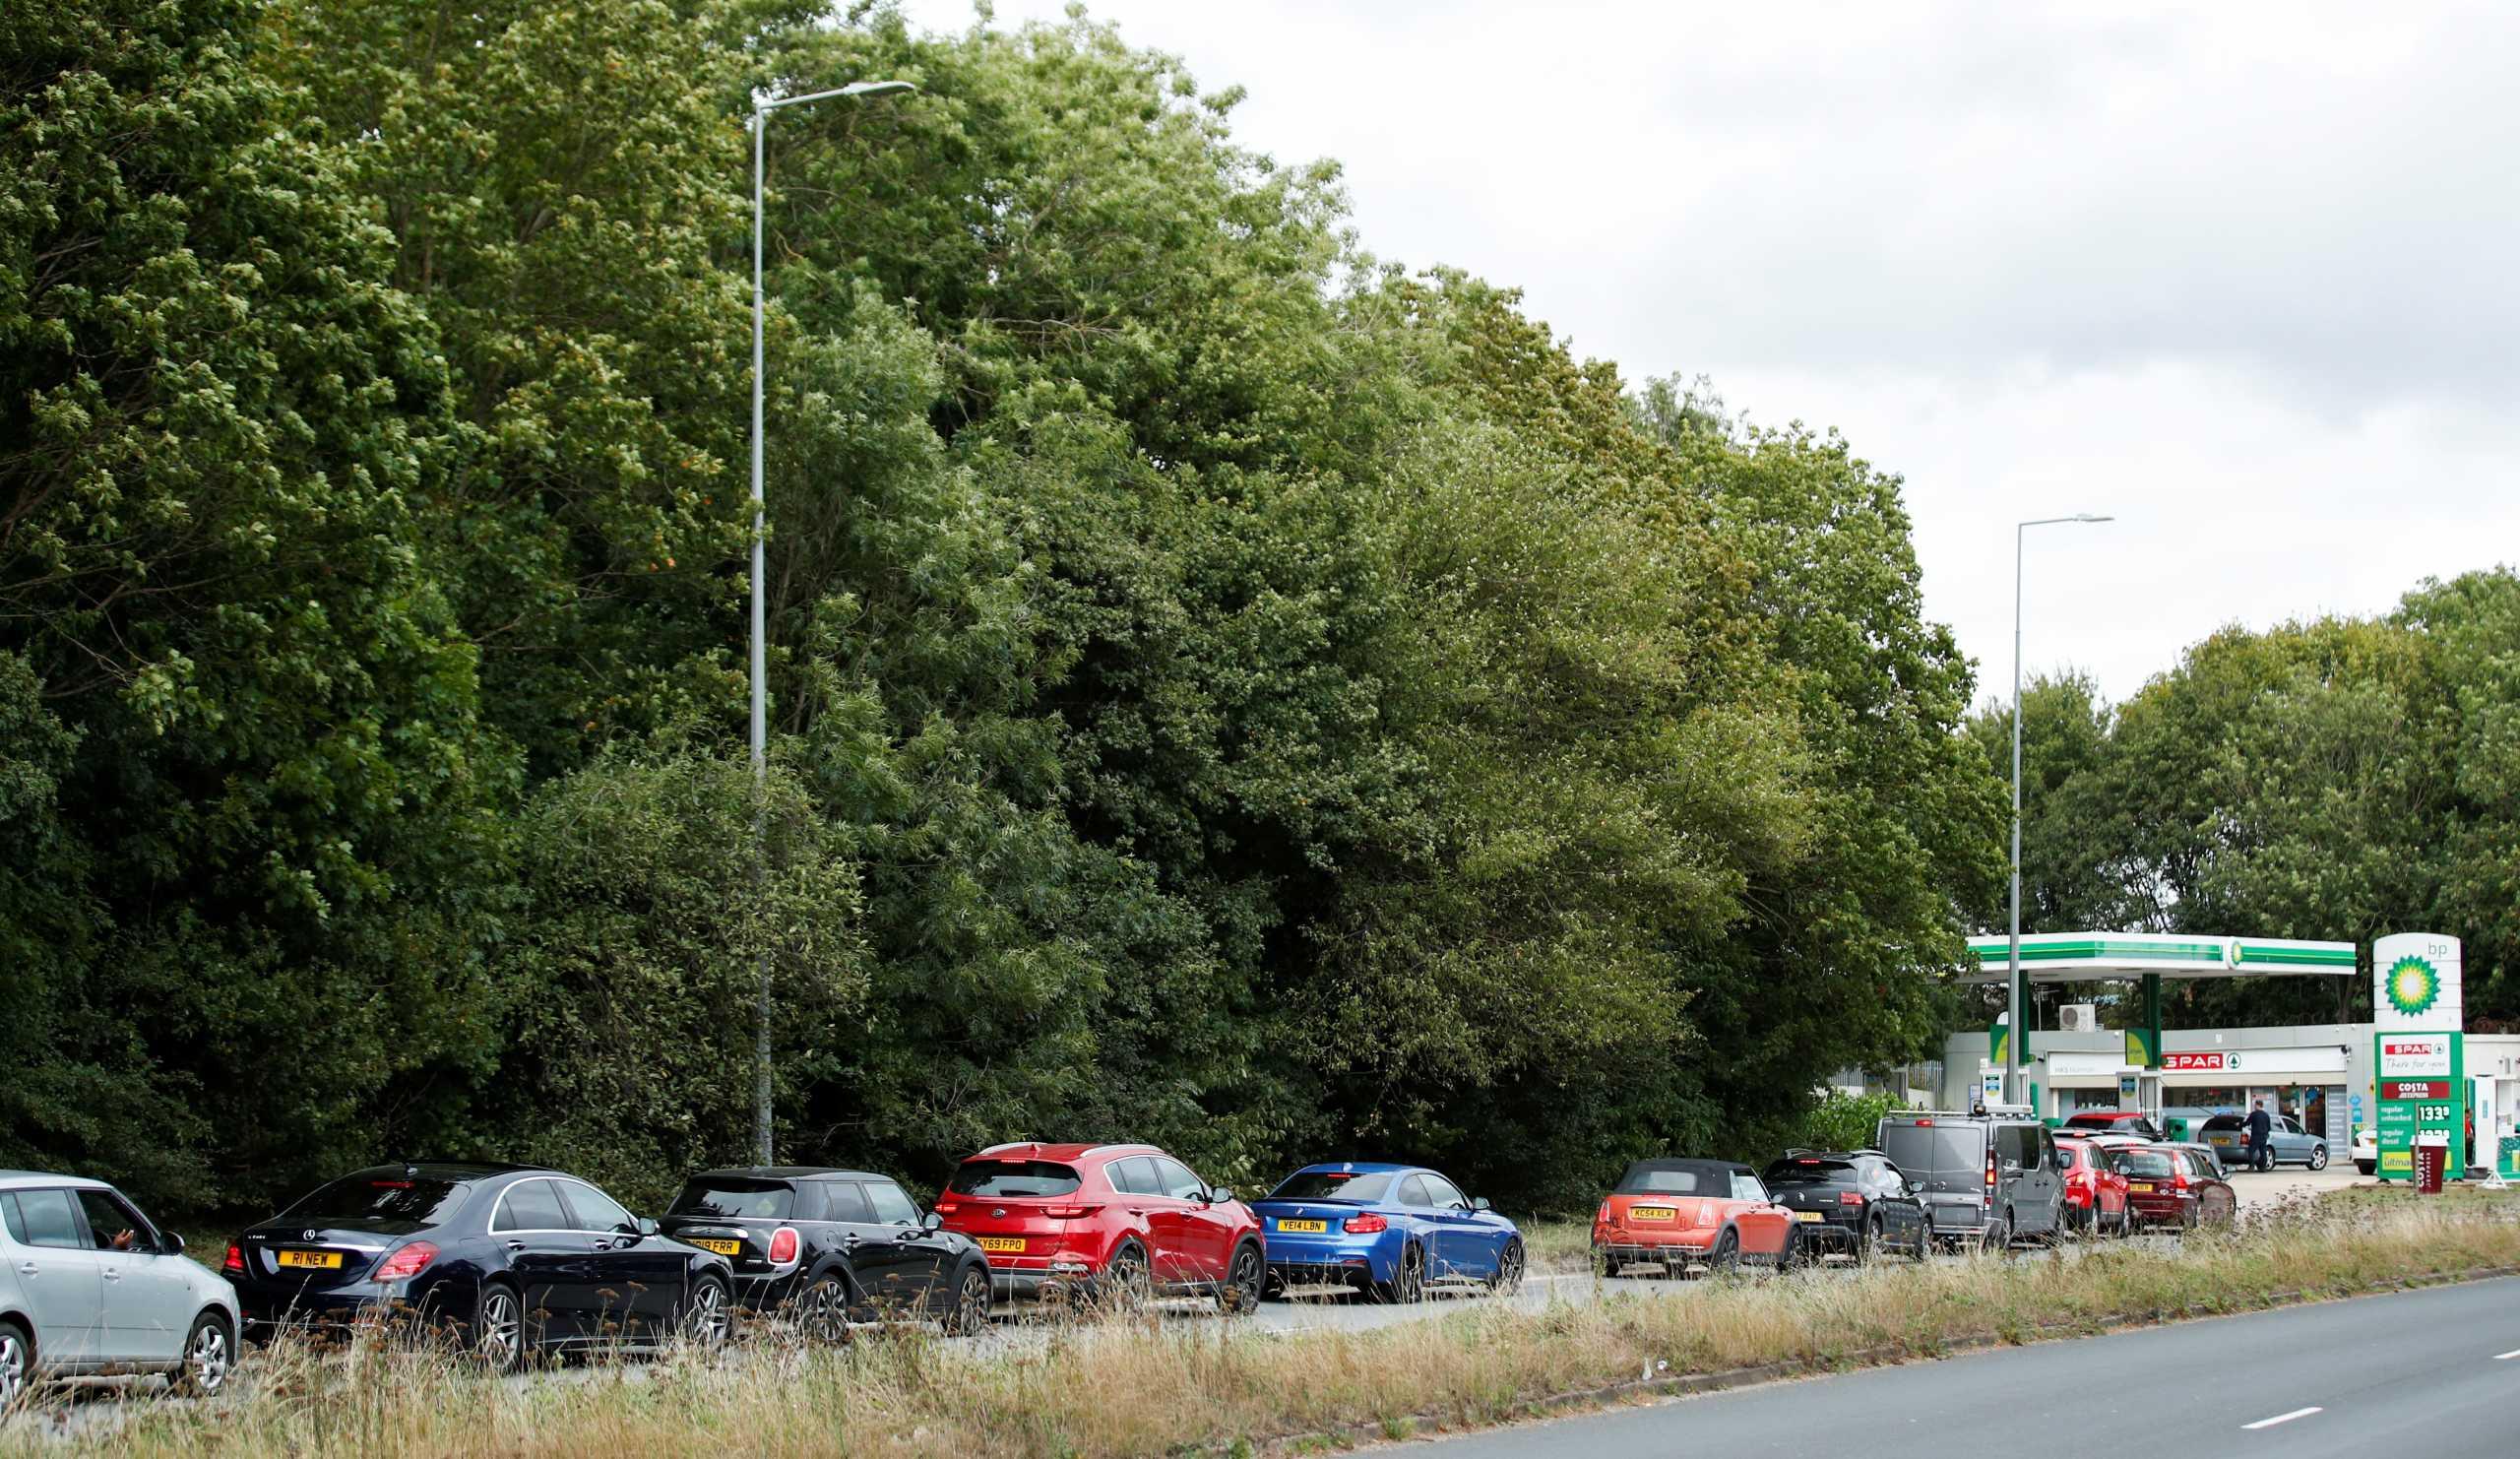 Βρετανία – καύσιμα: Ουρές χιλιομέτρων και πάλι σήμερα στα βενζινάδικα του Λονδίνου